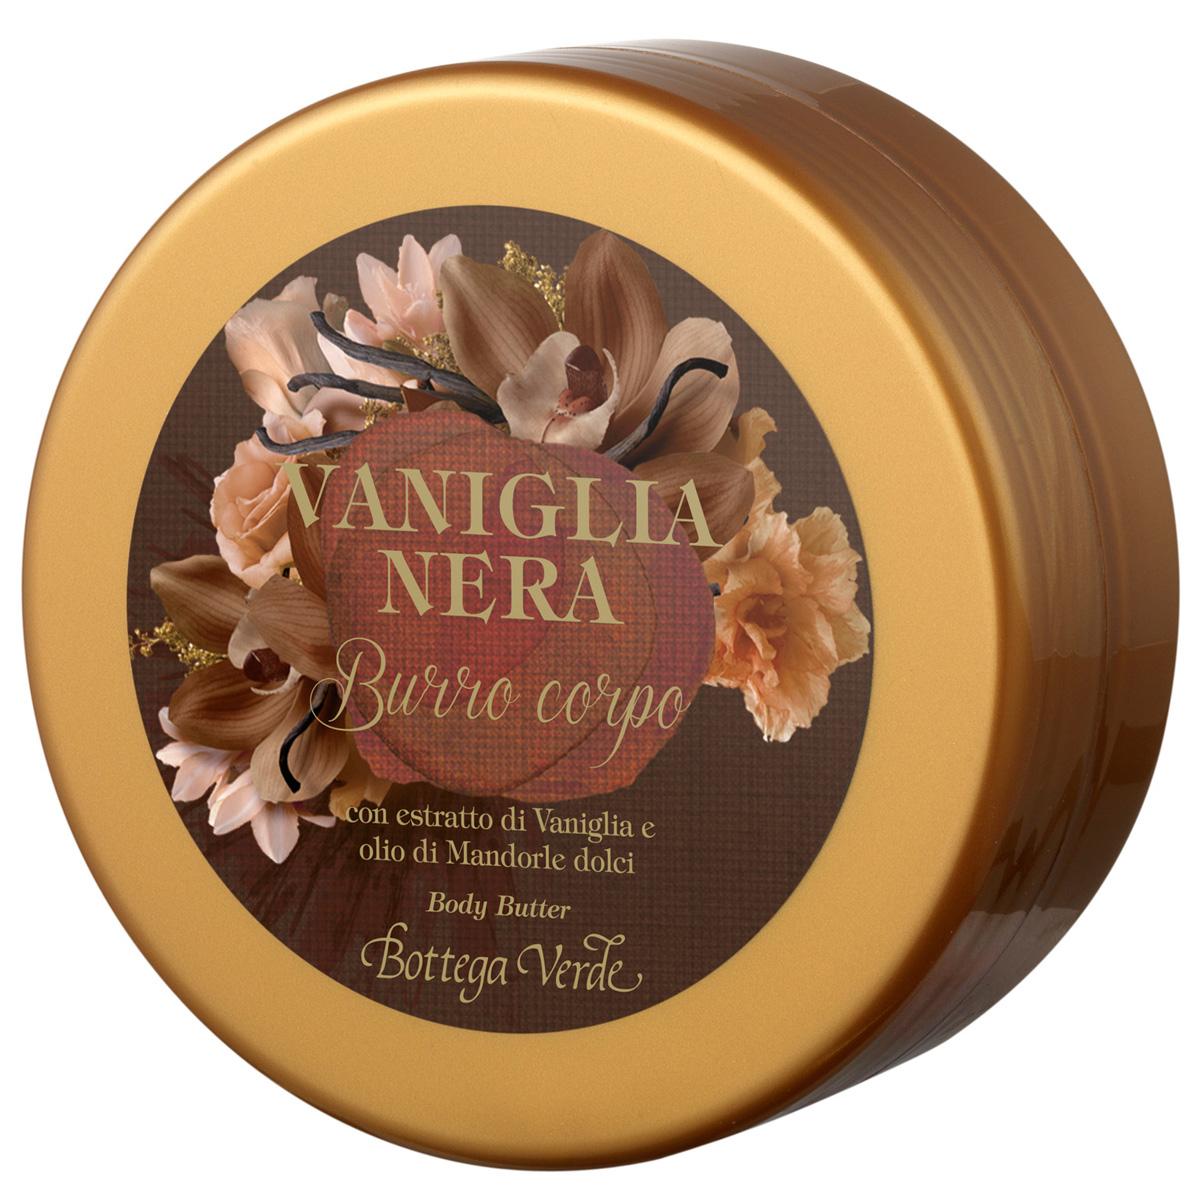 Vanilie neagra - Unt de corpt cu extract de vanilie si ulei de migdale dulci